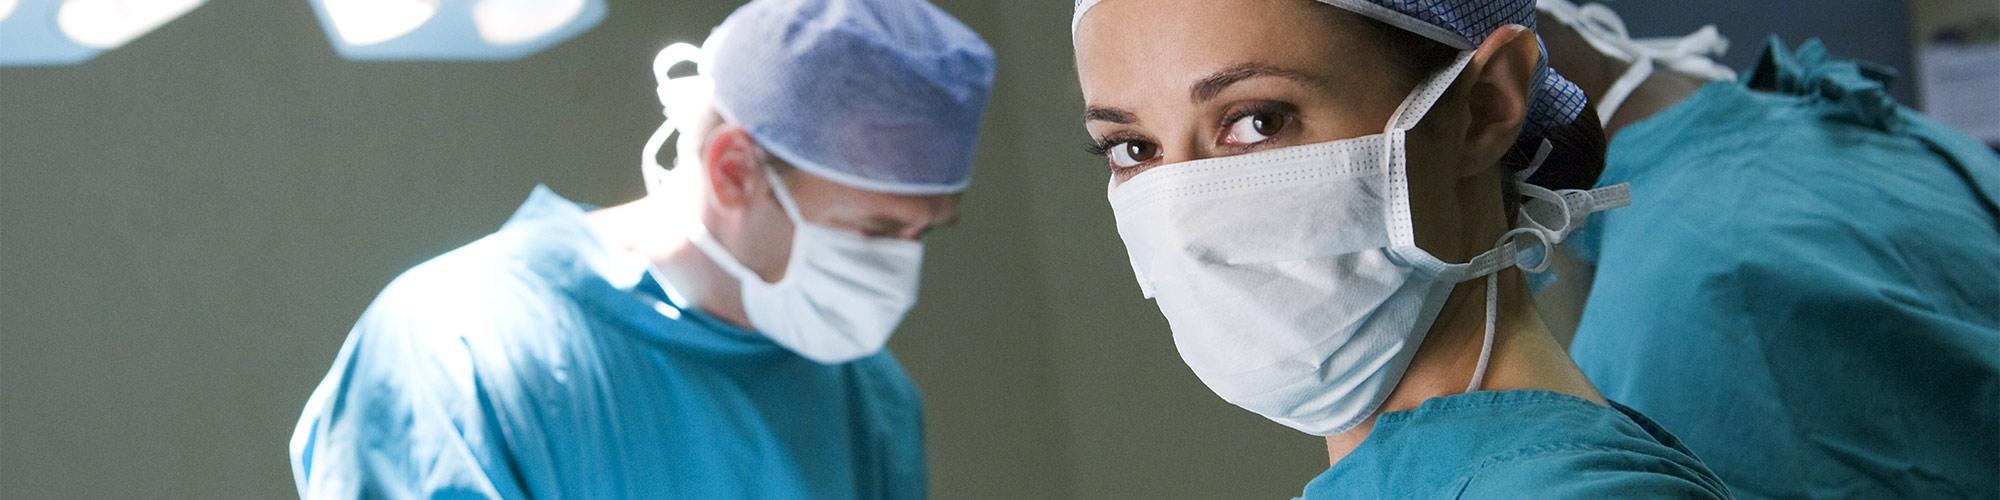 Operationen in der Praxisklinik Königstein